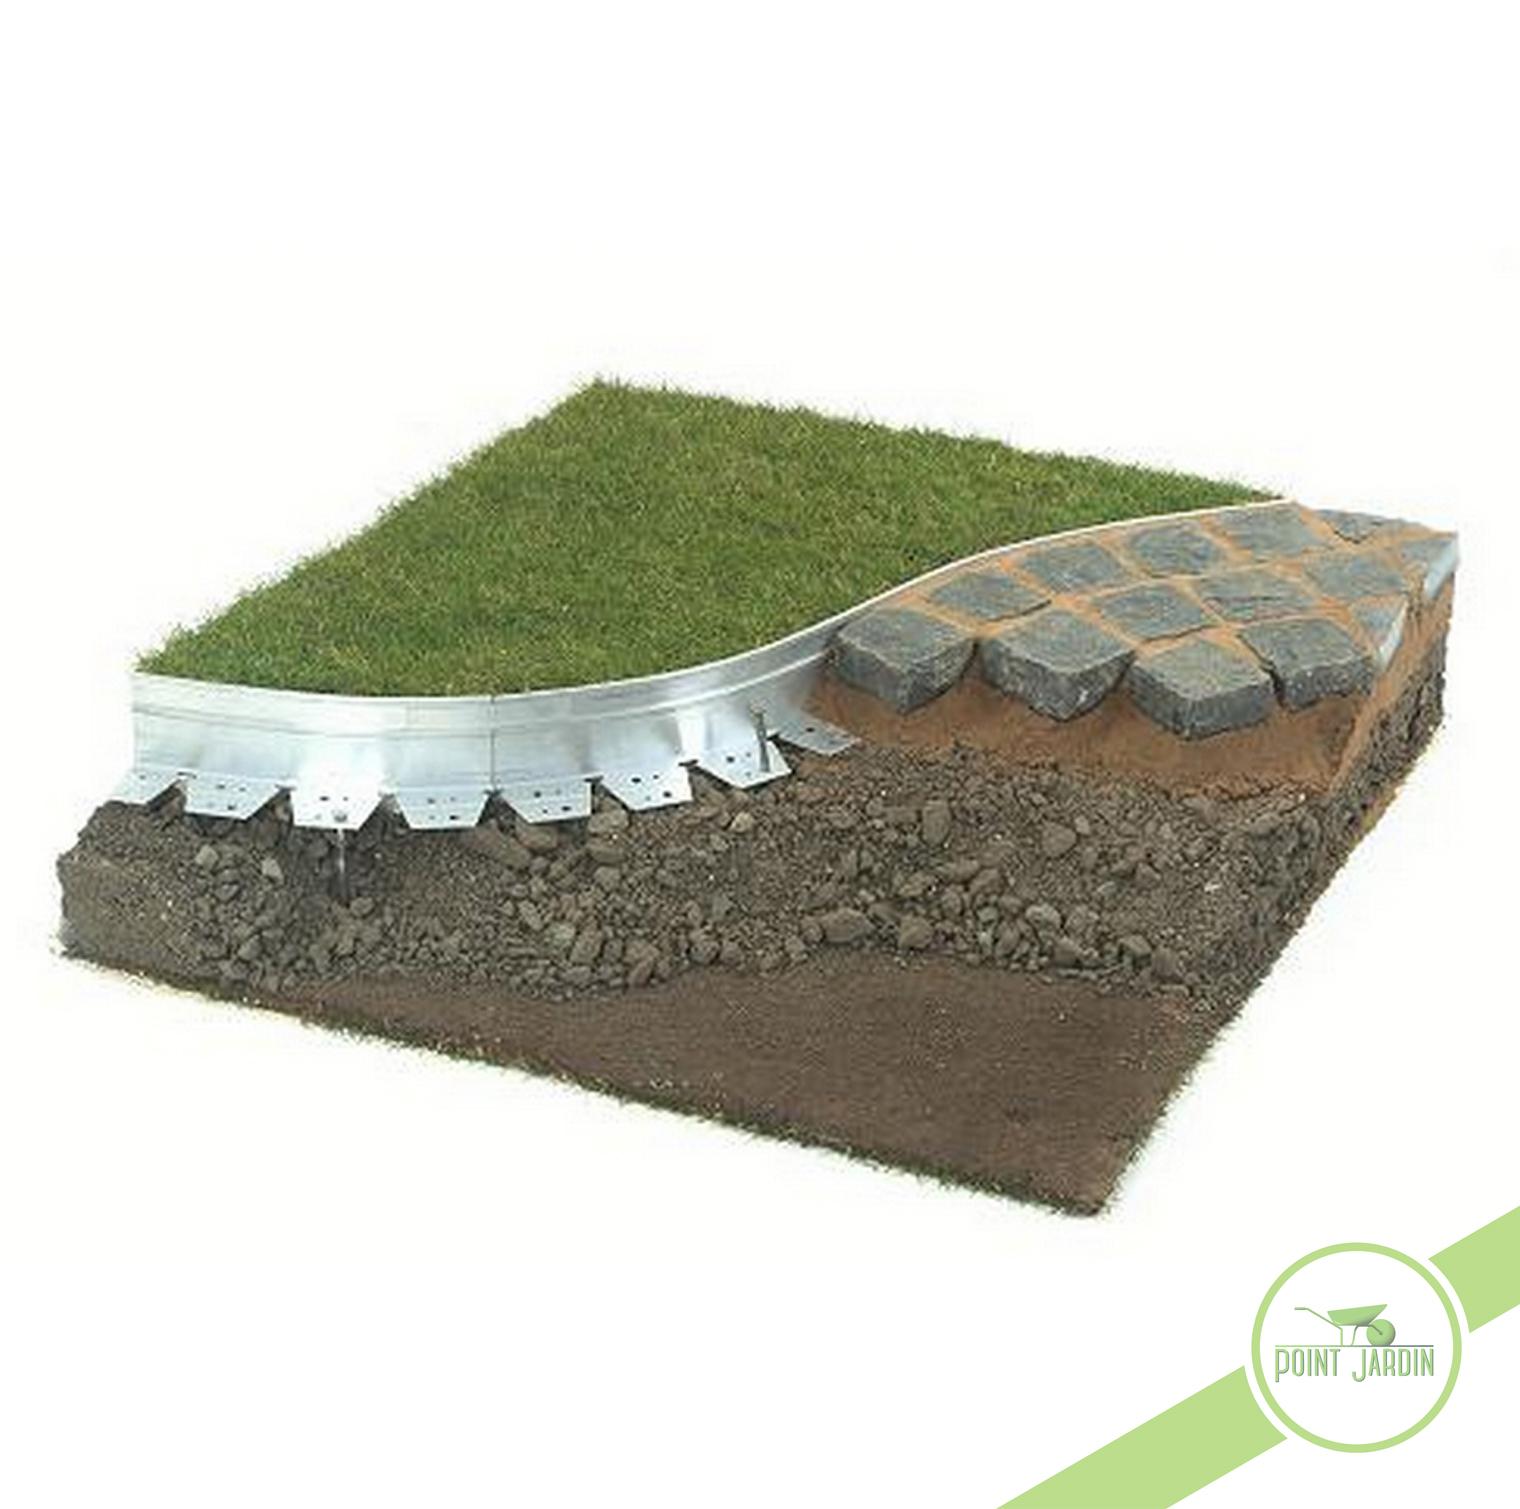 Bordures De Jardin Pour Allée Et Massifs - Dreux - Houdan destiné Bordure Aluminium Jardin